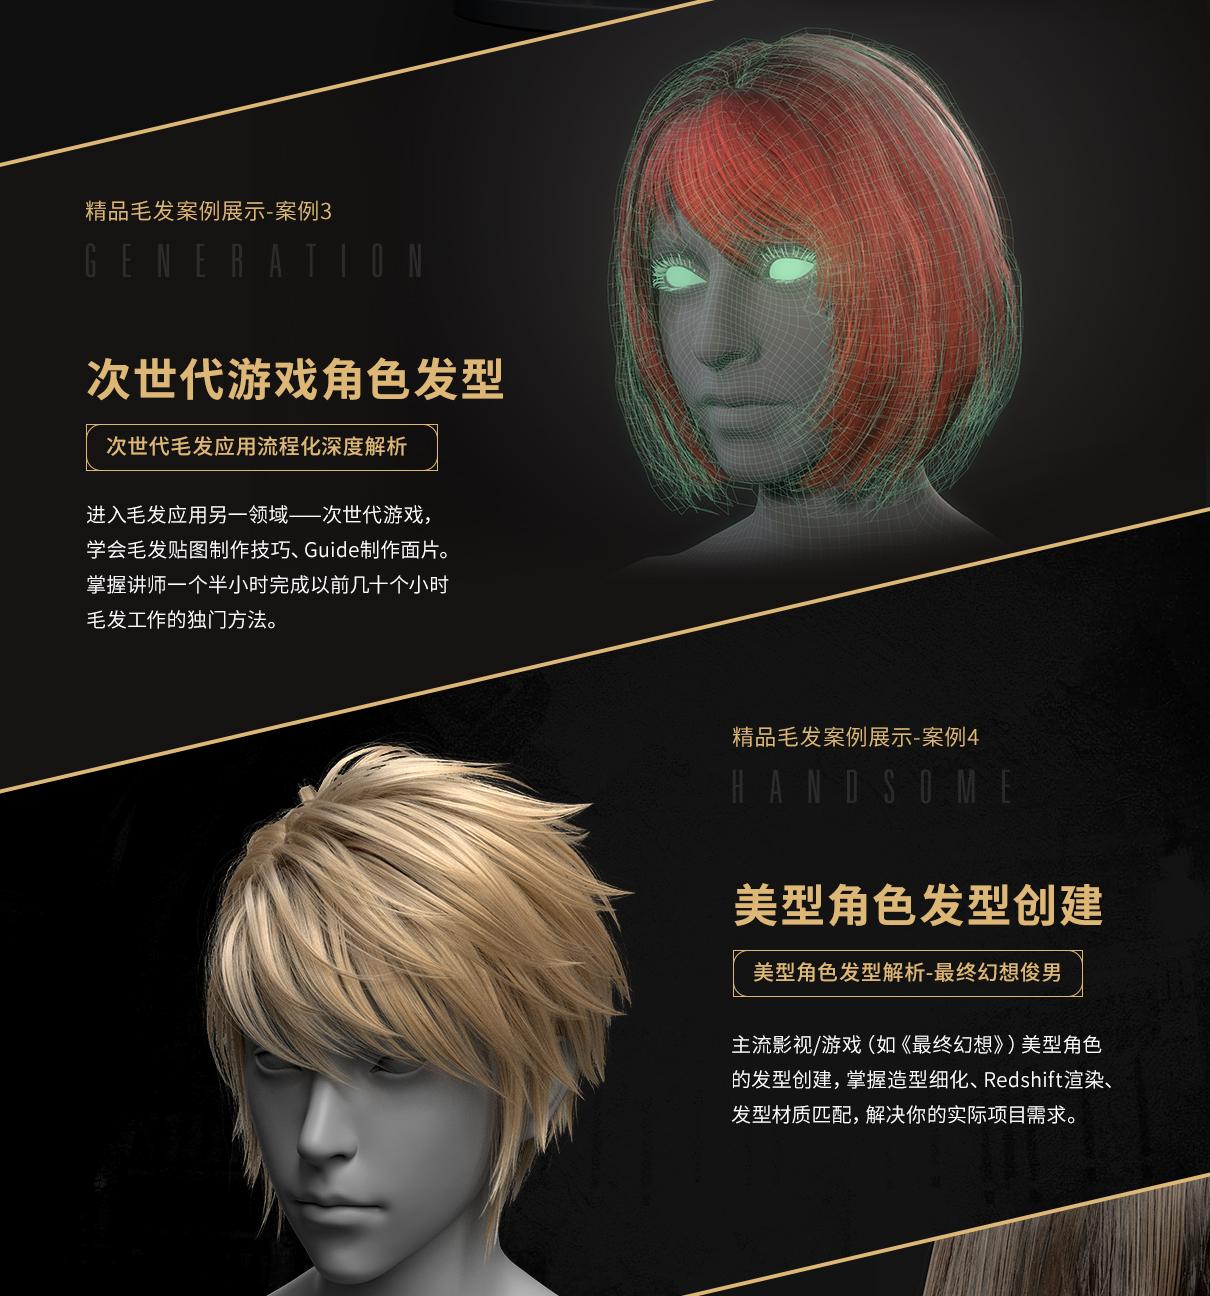 黄惠峰XGEN毛发世界PC_02.jpg